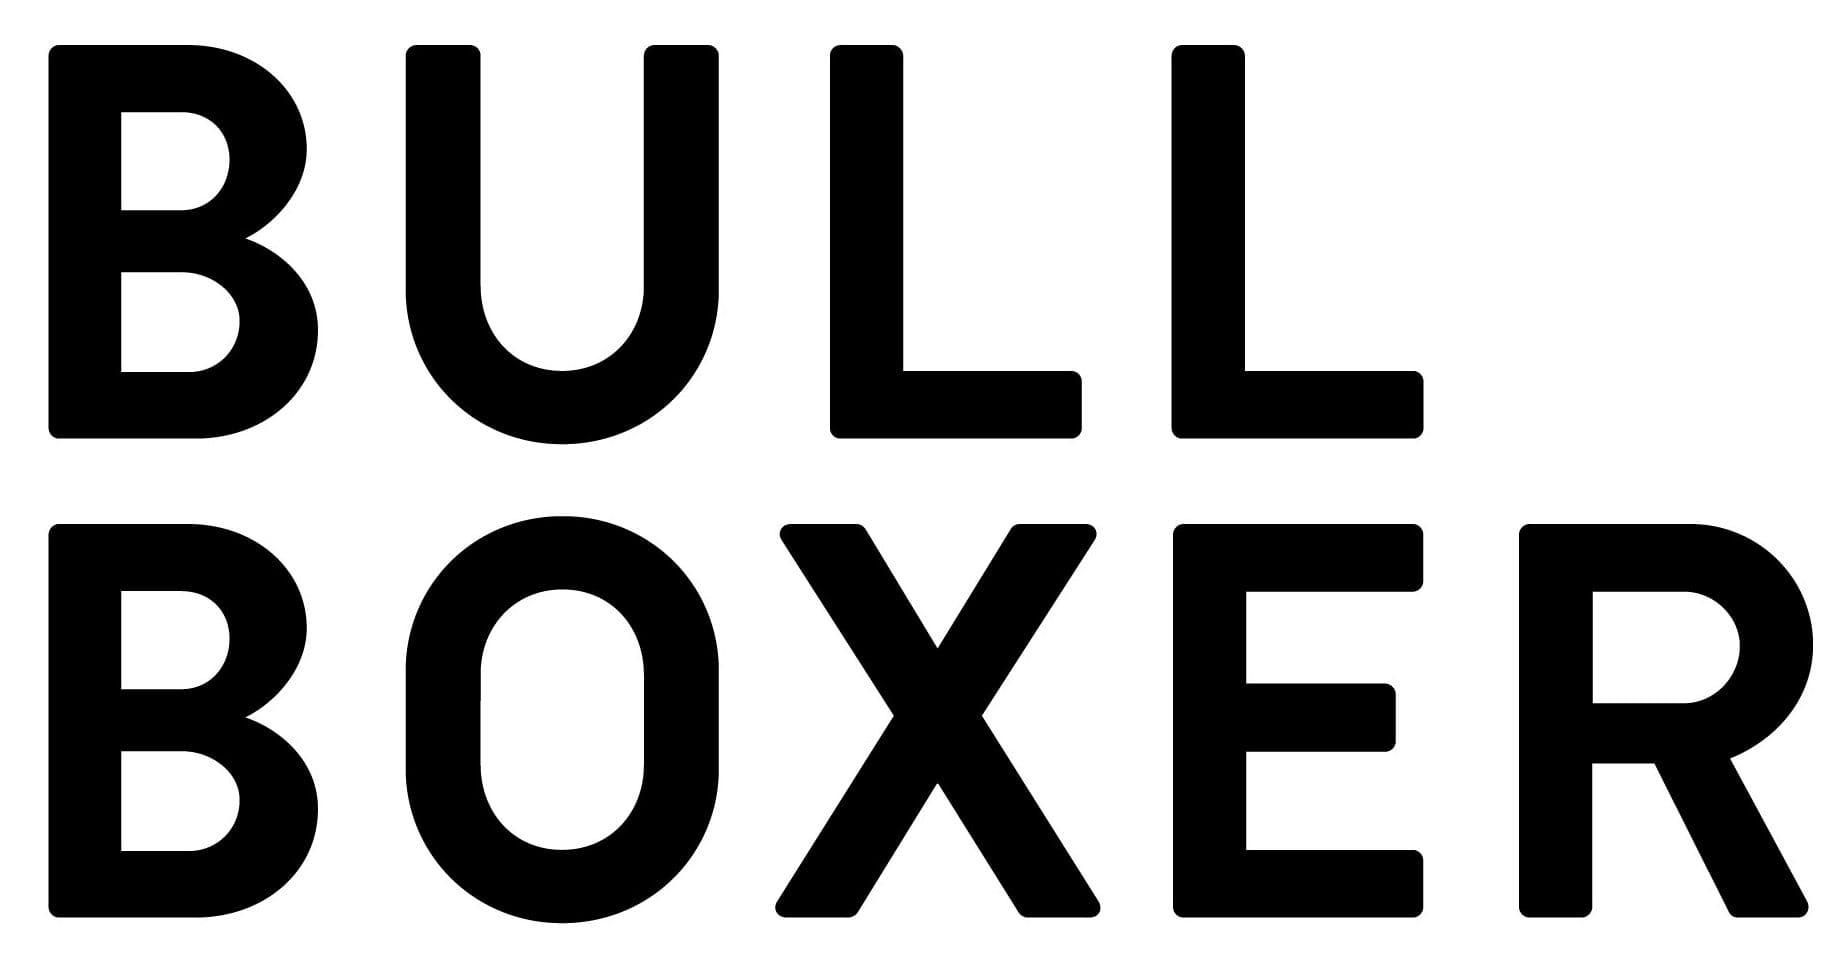 BULLBOXER_LOGO_BLACK-JPG-min